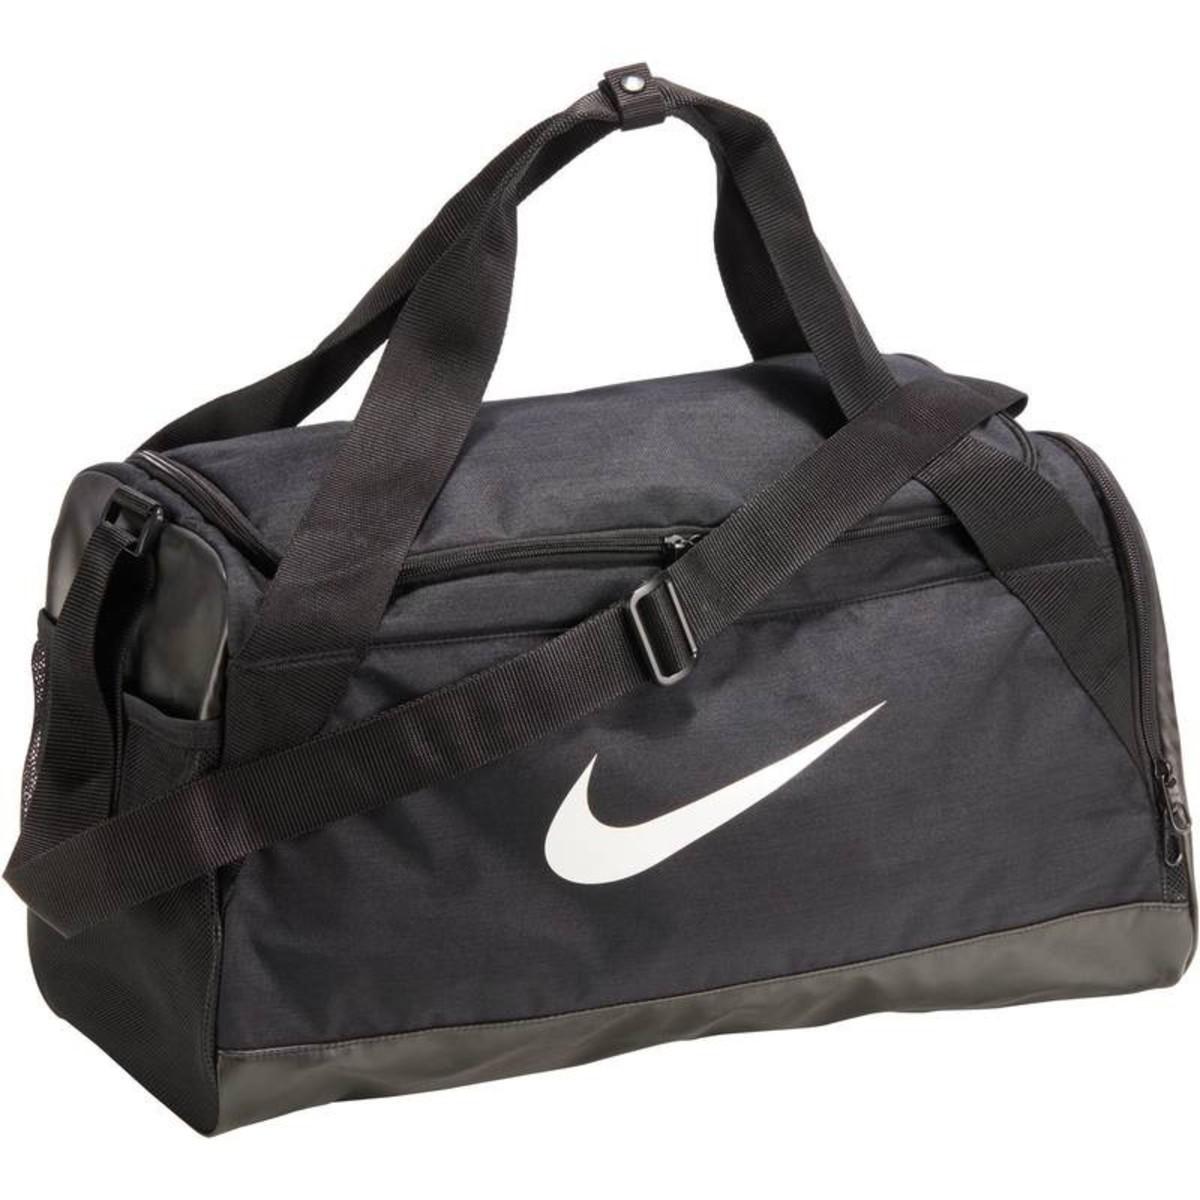 Bild 1 von NIKE Sporttasche Erwachsene Nike schwarz, Größe: Einheitsgröße